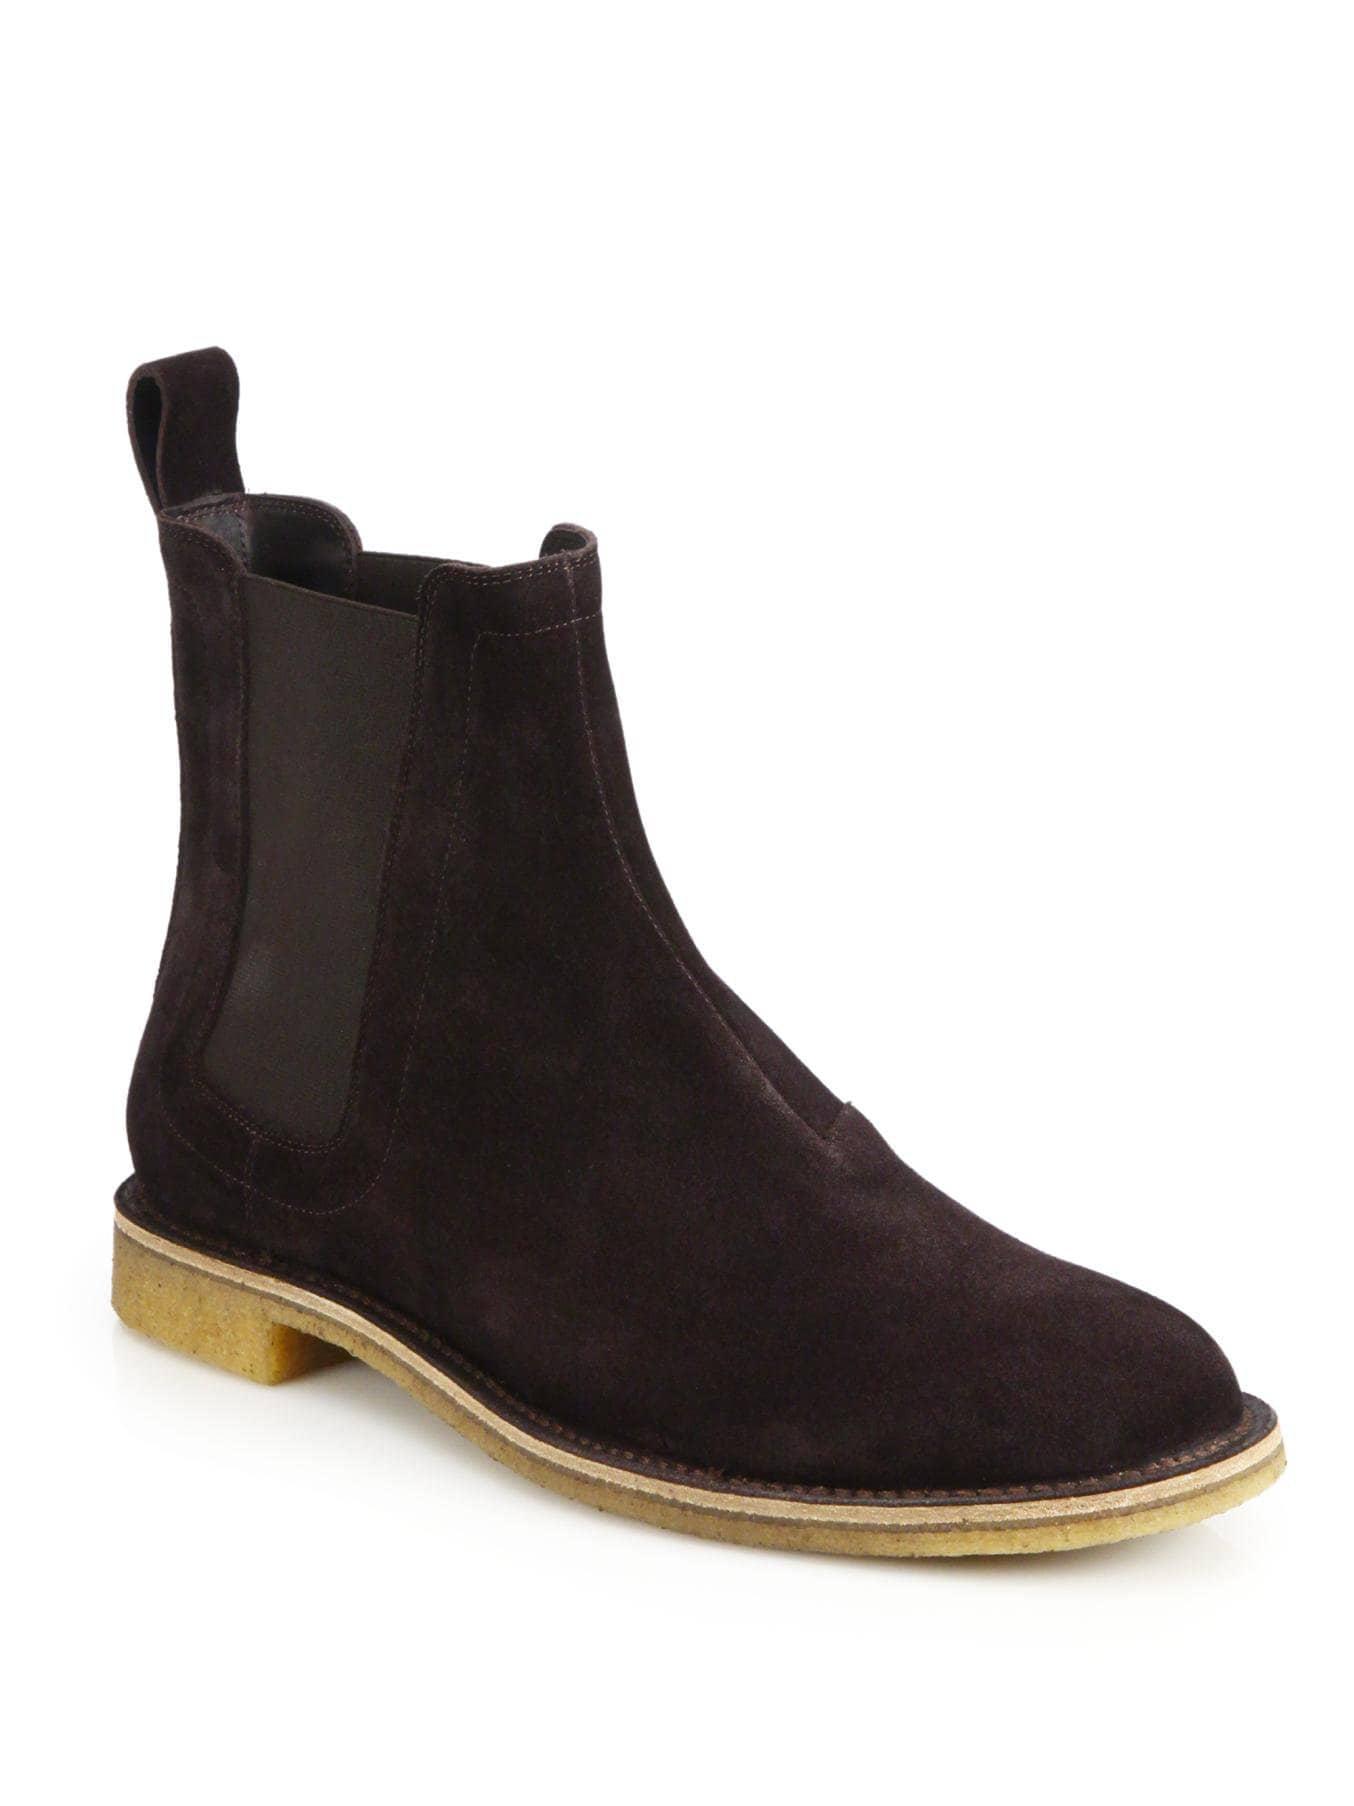 acaa23877b8c Bottega Veneta Men s Aussie Suede Chelsea Boots - Espresso - Size 46 ...